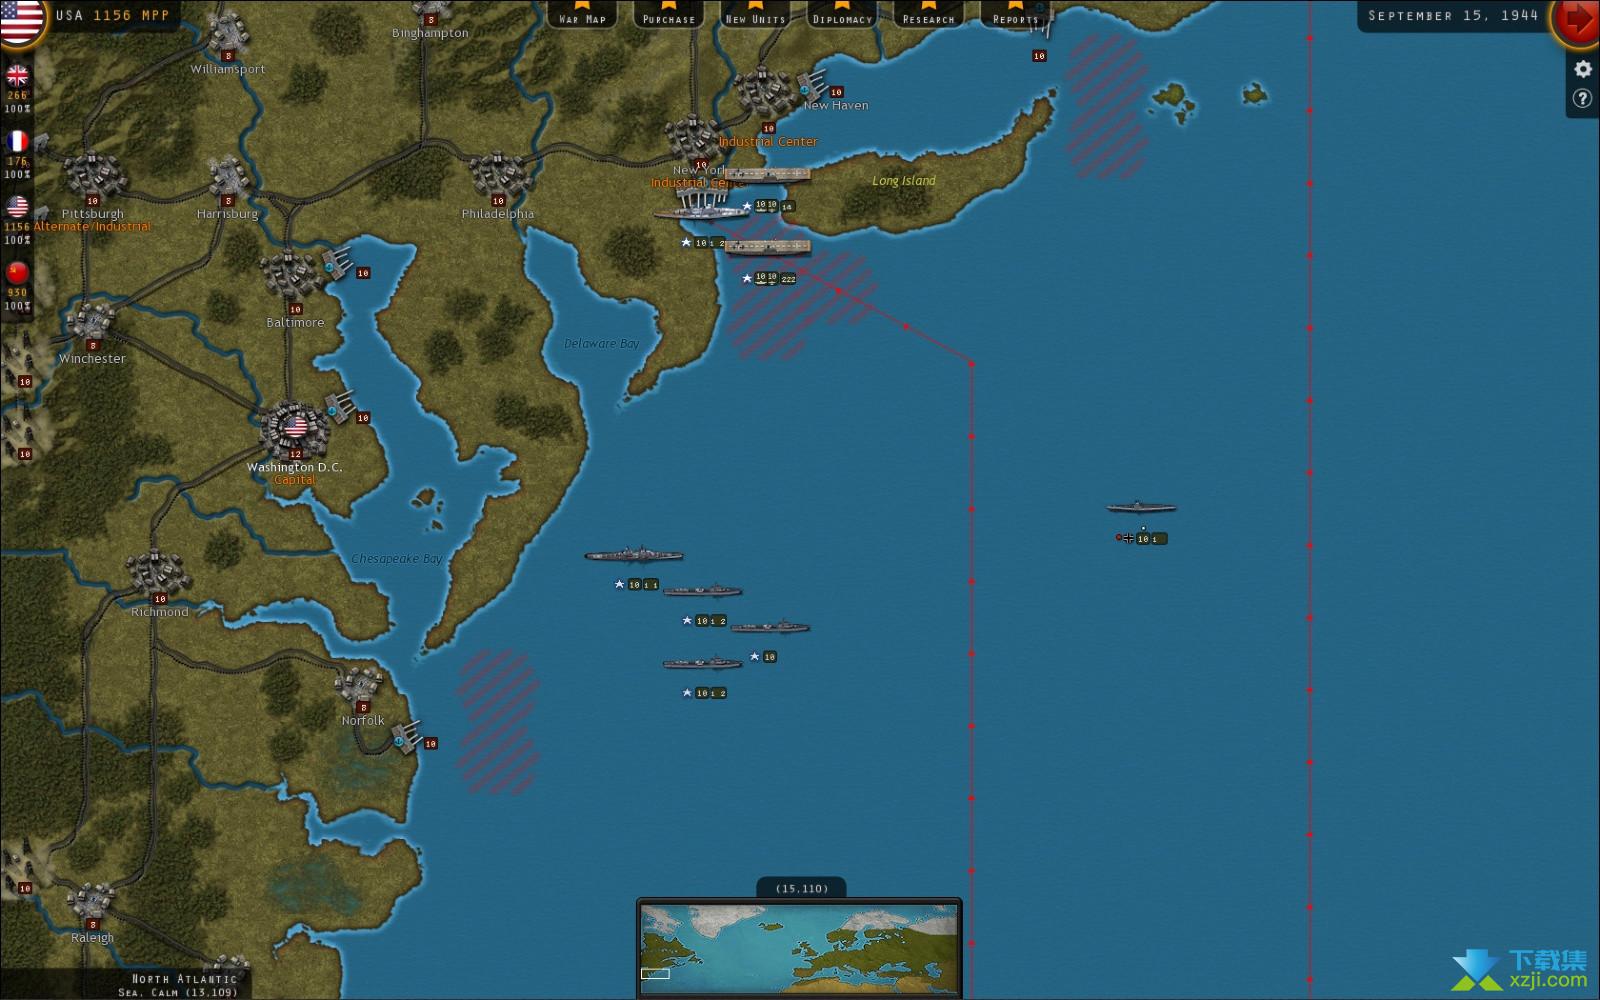 战略命令二战-欧洲战场界面3